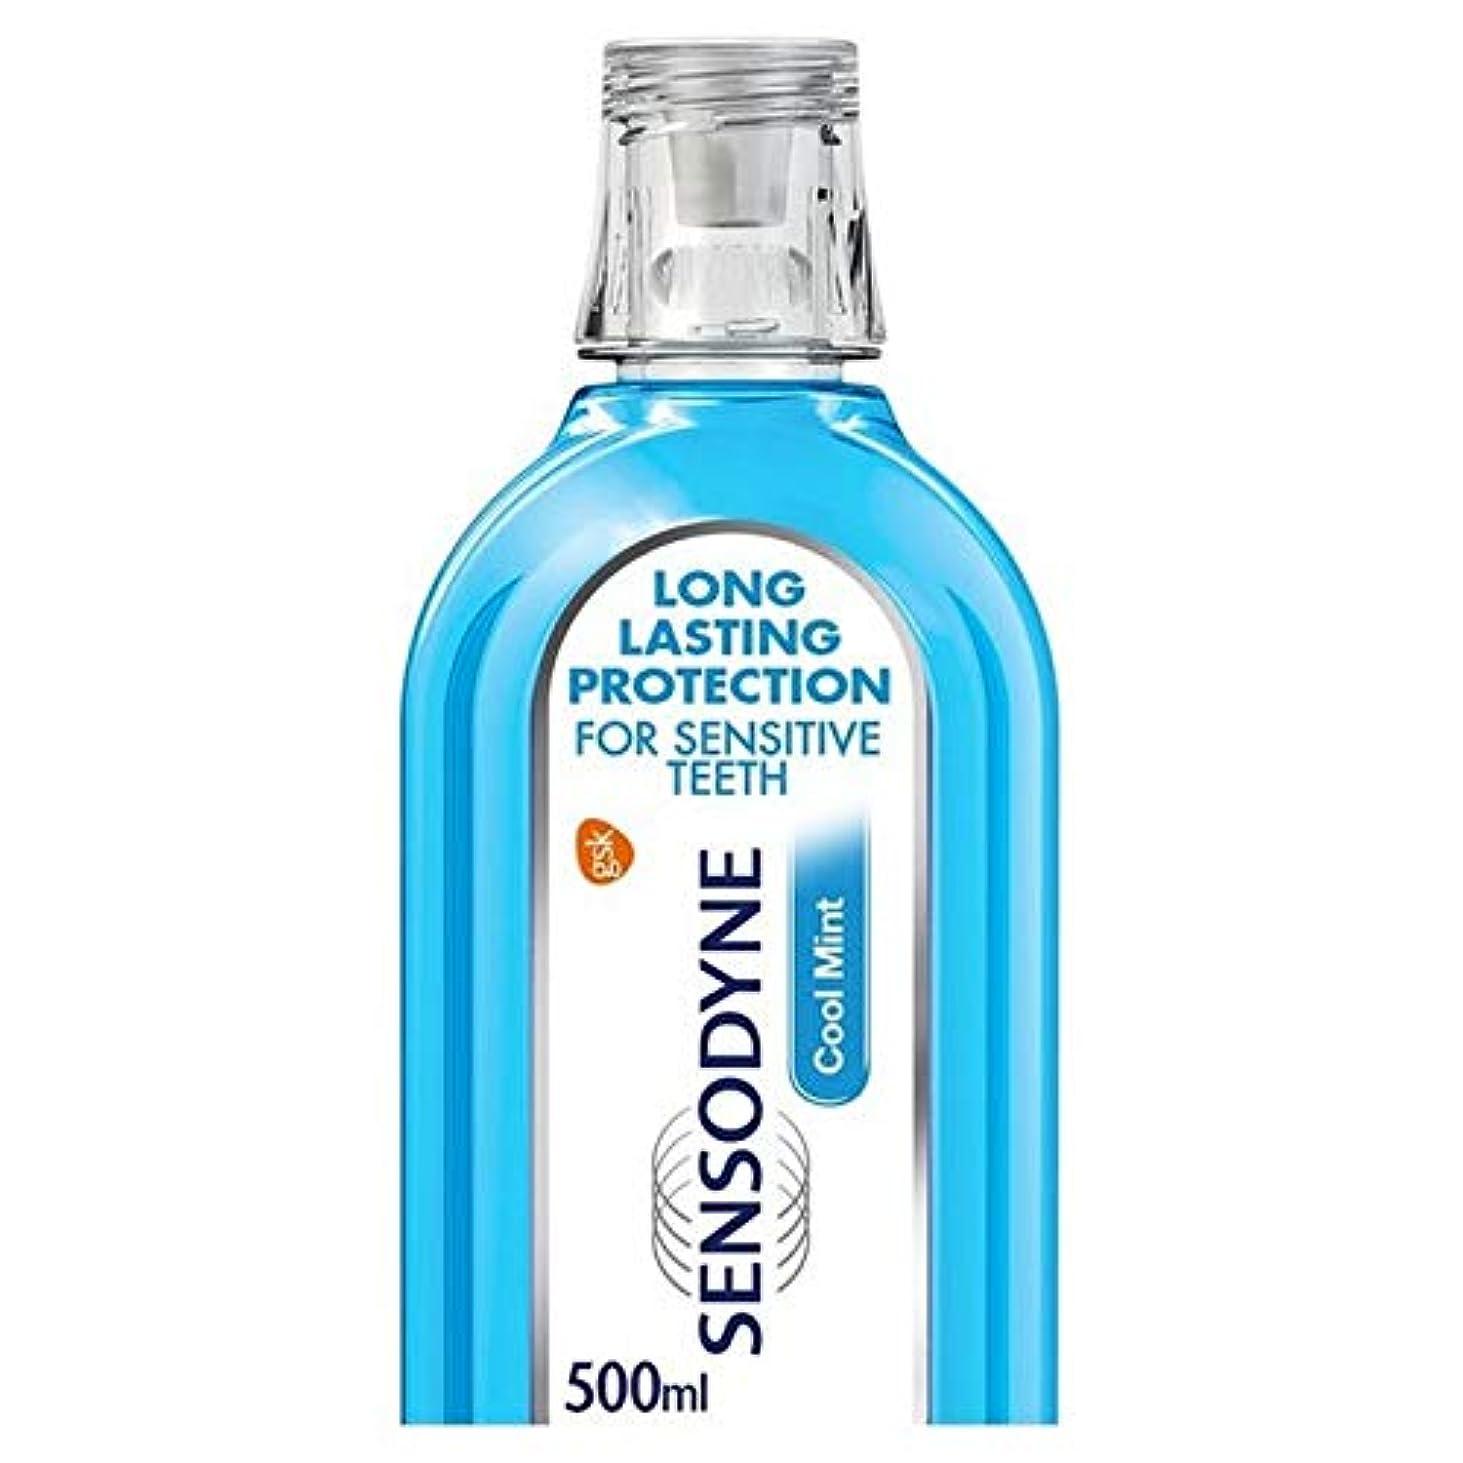 雰囲気誓うブリリアント[Sensodyne] Sensodyneクールミント敏感ケアマウスウォッシュ500ミリリットル - Sensodyne Cool Mint Sensitive Care Mouthwash 500ml [並行輸入品]